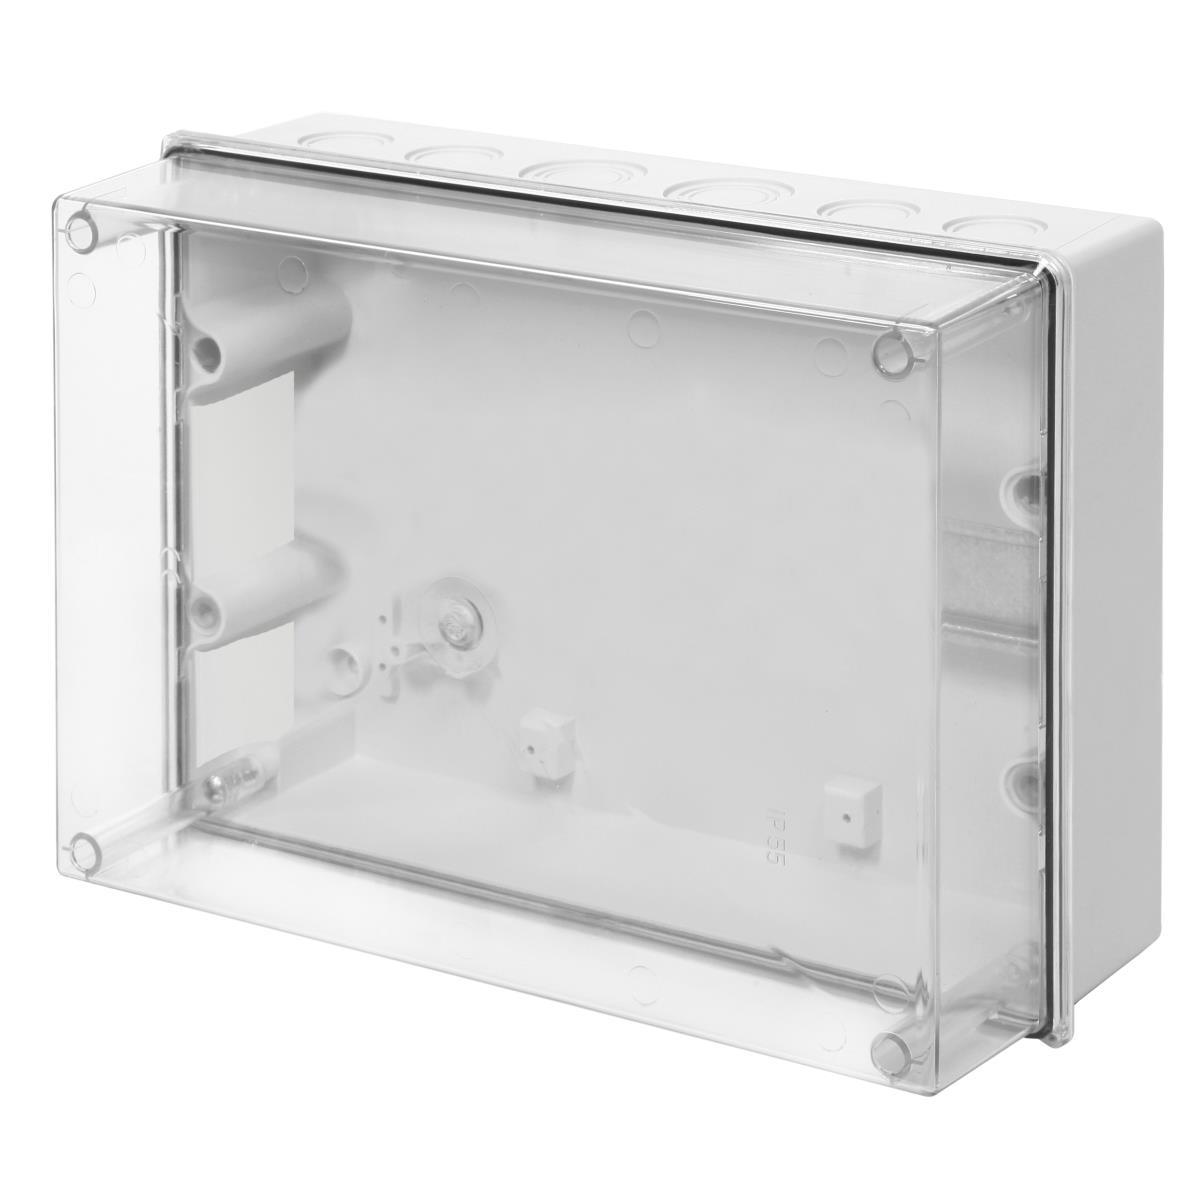 Aufputz Schalkasten IP55 Verteilerkasten 303x213x125 transparent Gehäuse,Elektro-Plast,0253-20, 5906868438809